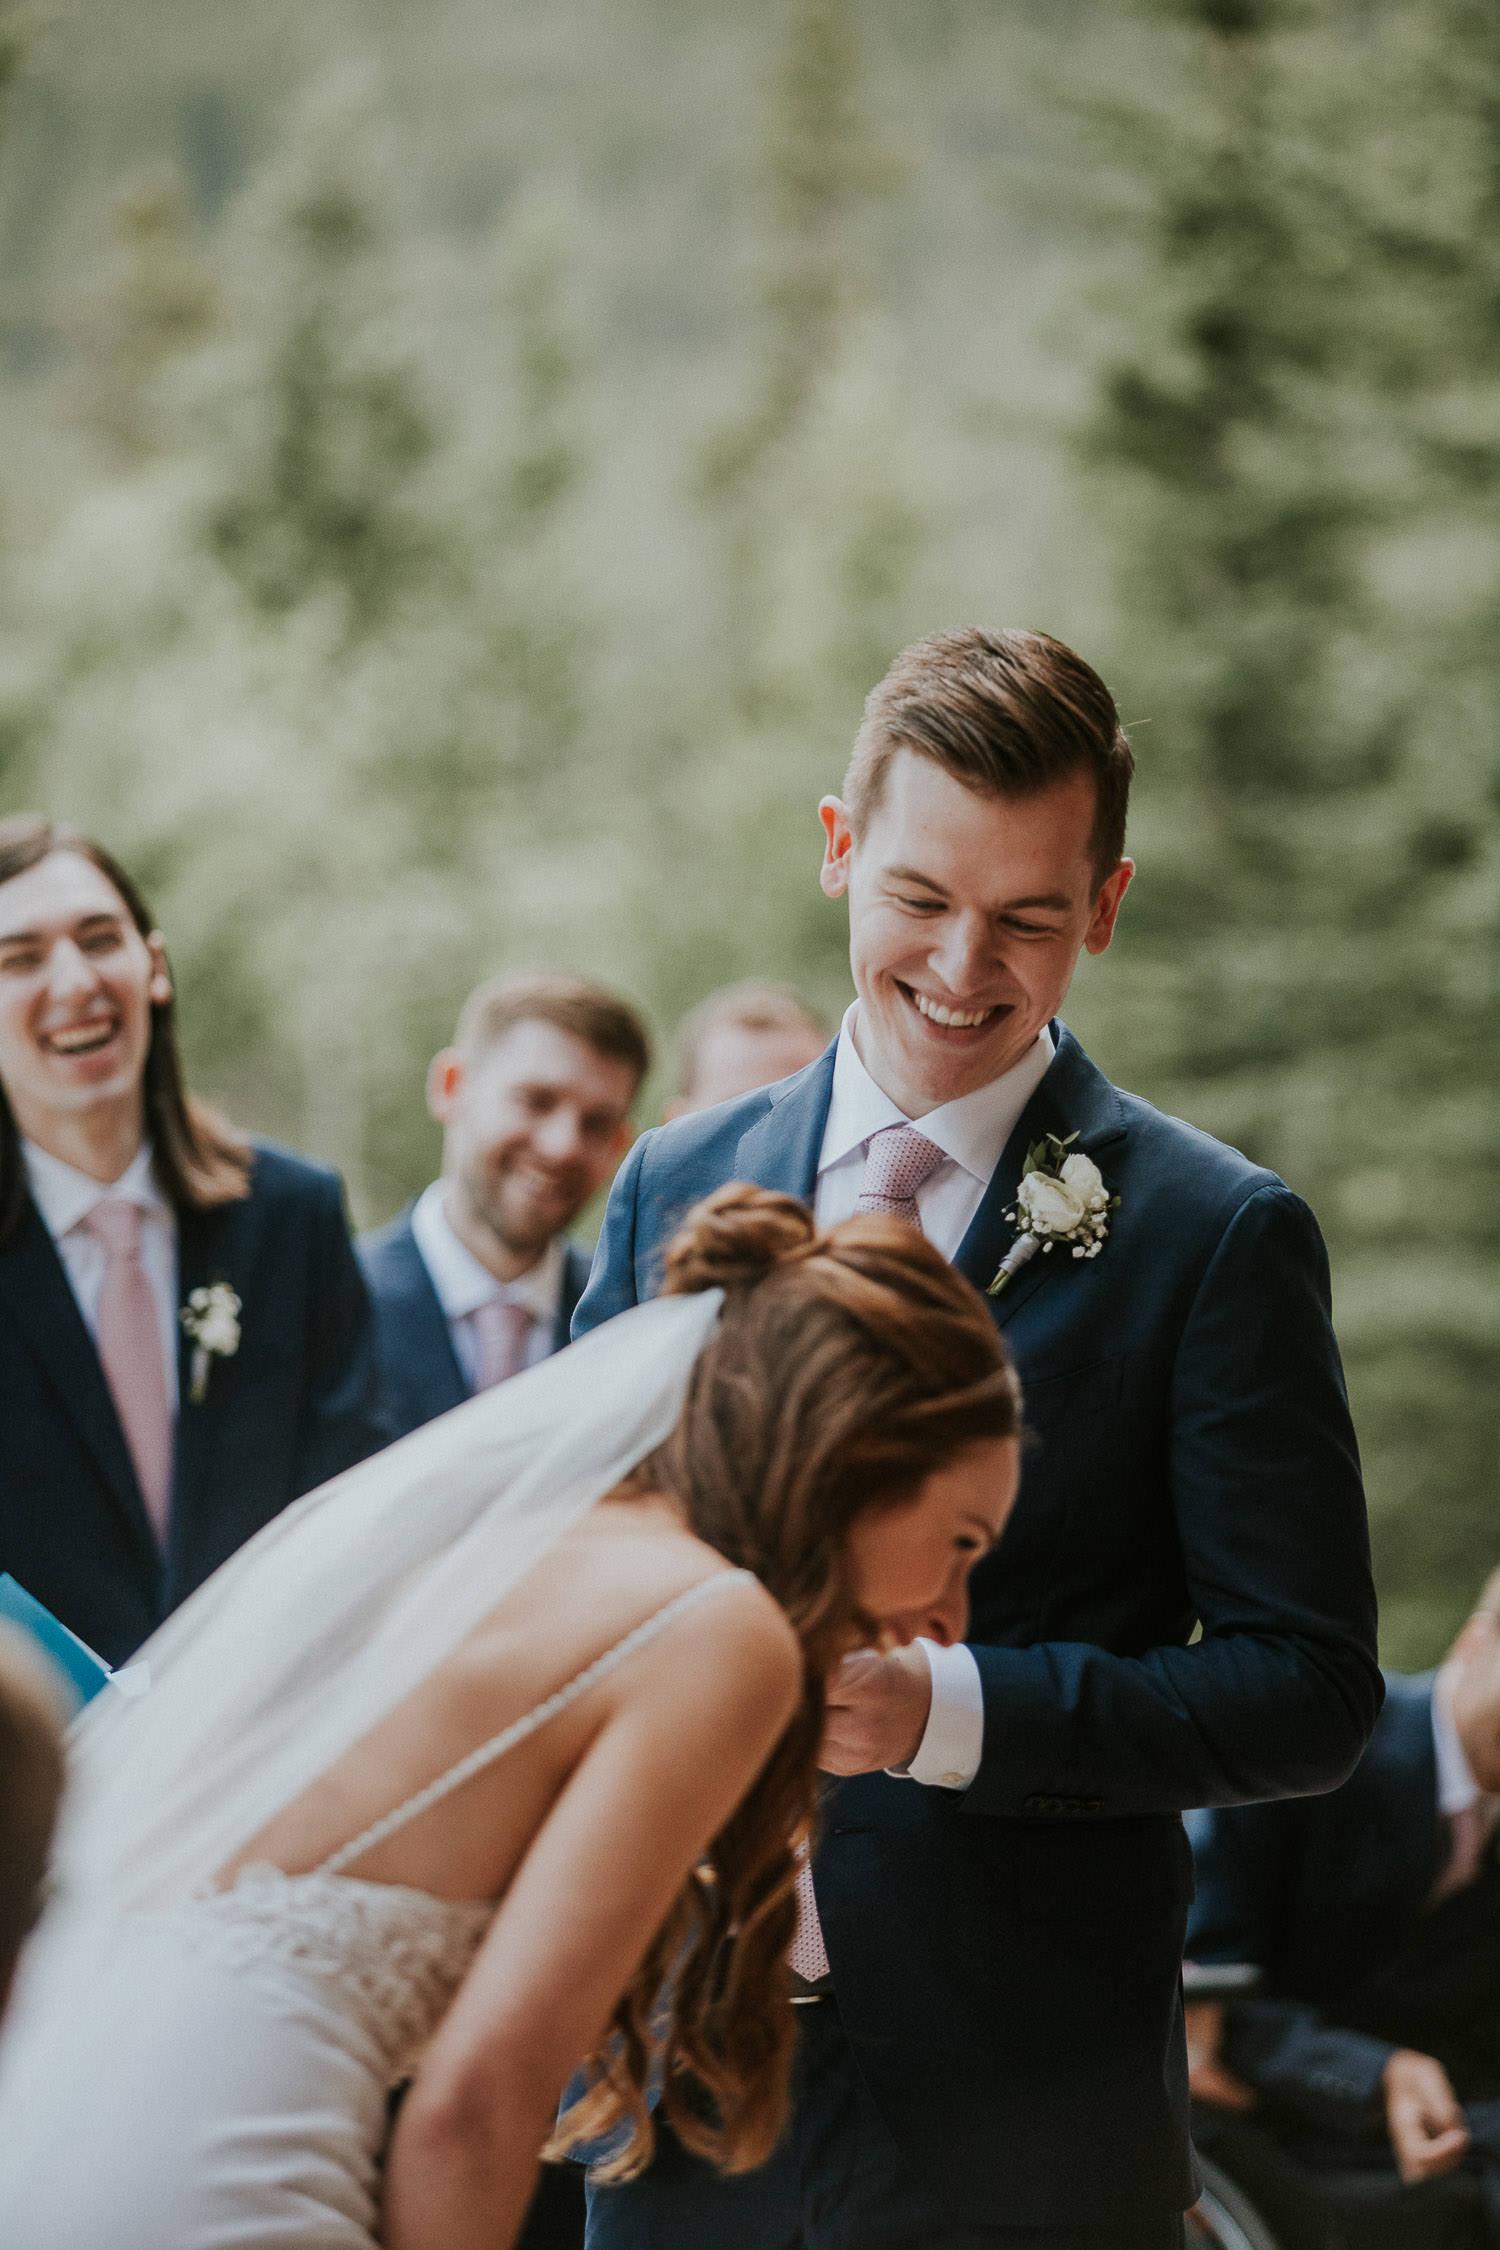 stewart-creek-wedding-sarah-pukin-269